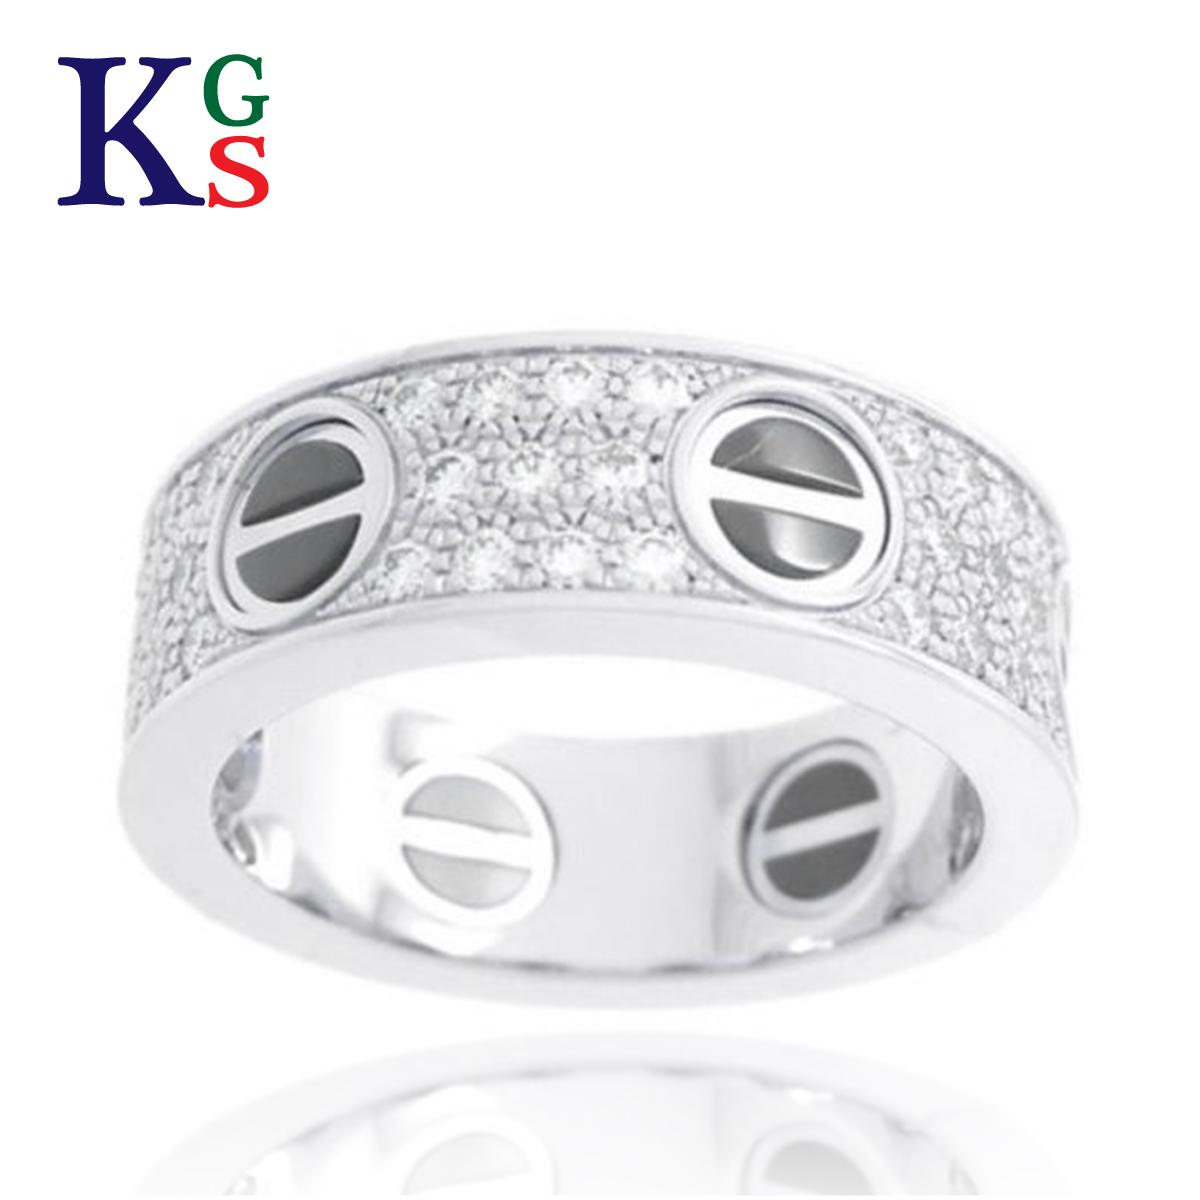 【ギフト品質】【名入れ】カルティエ/Cartier / ジュエリー リング 指輪 レディース / ラブリング パヴェダイヤ ホワイトゴールド セラミック K18 750 WG B4207600 / ダイヤモンド 【08】【05】 1227